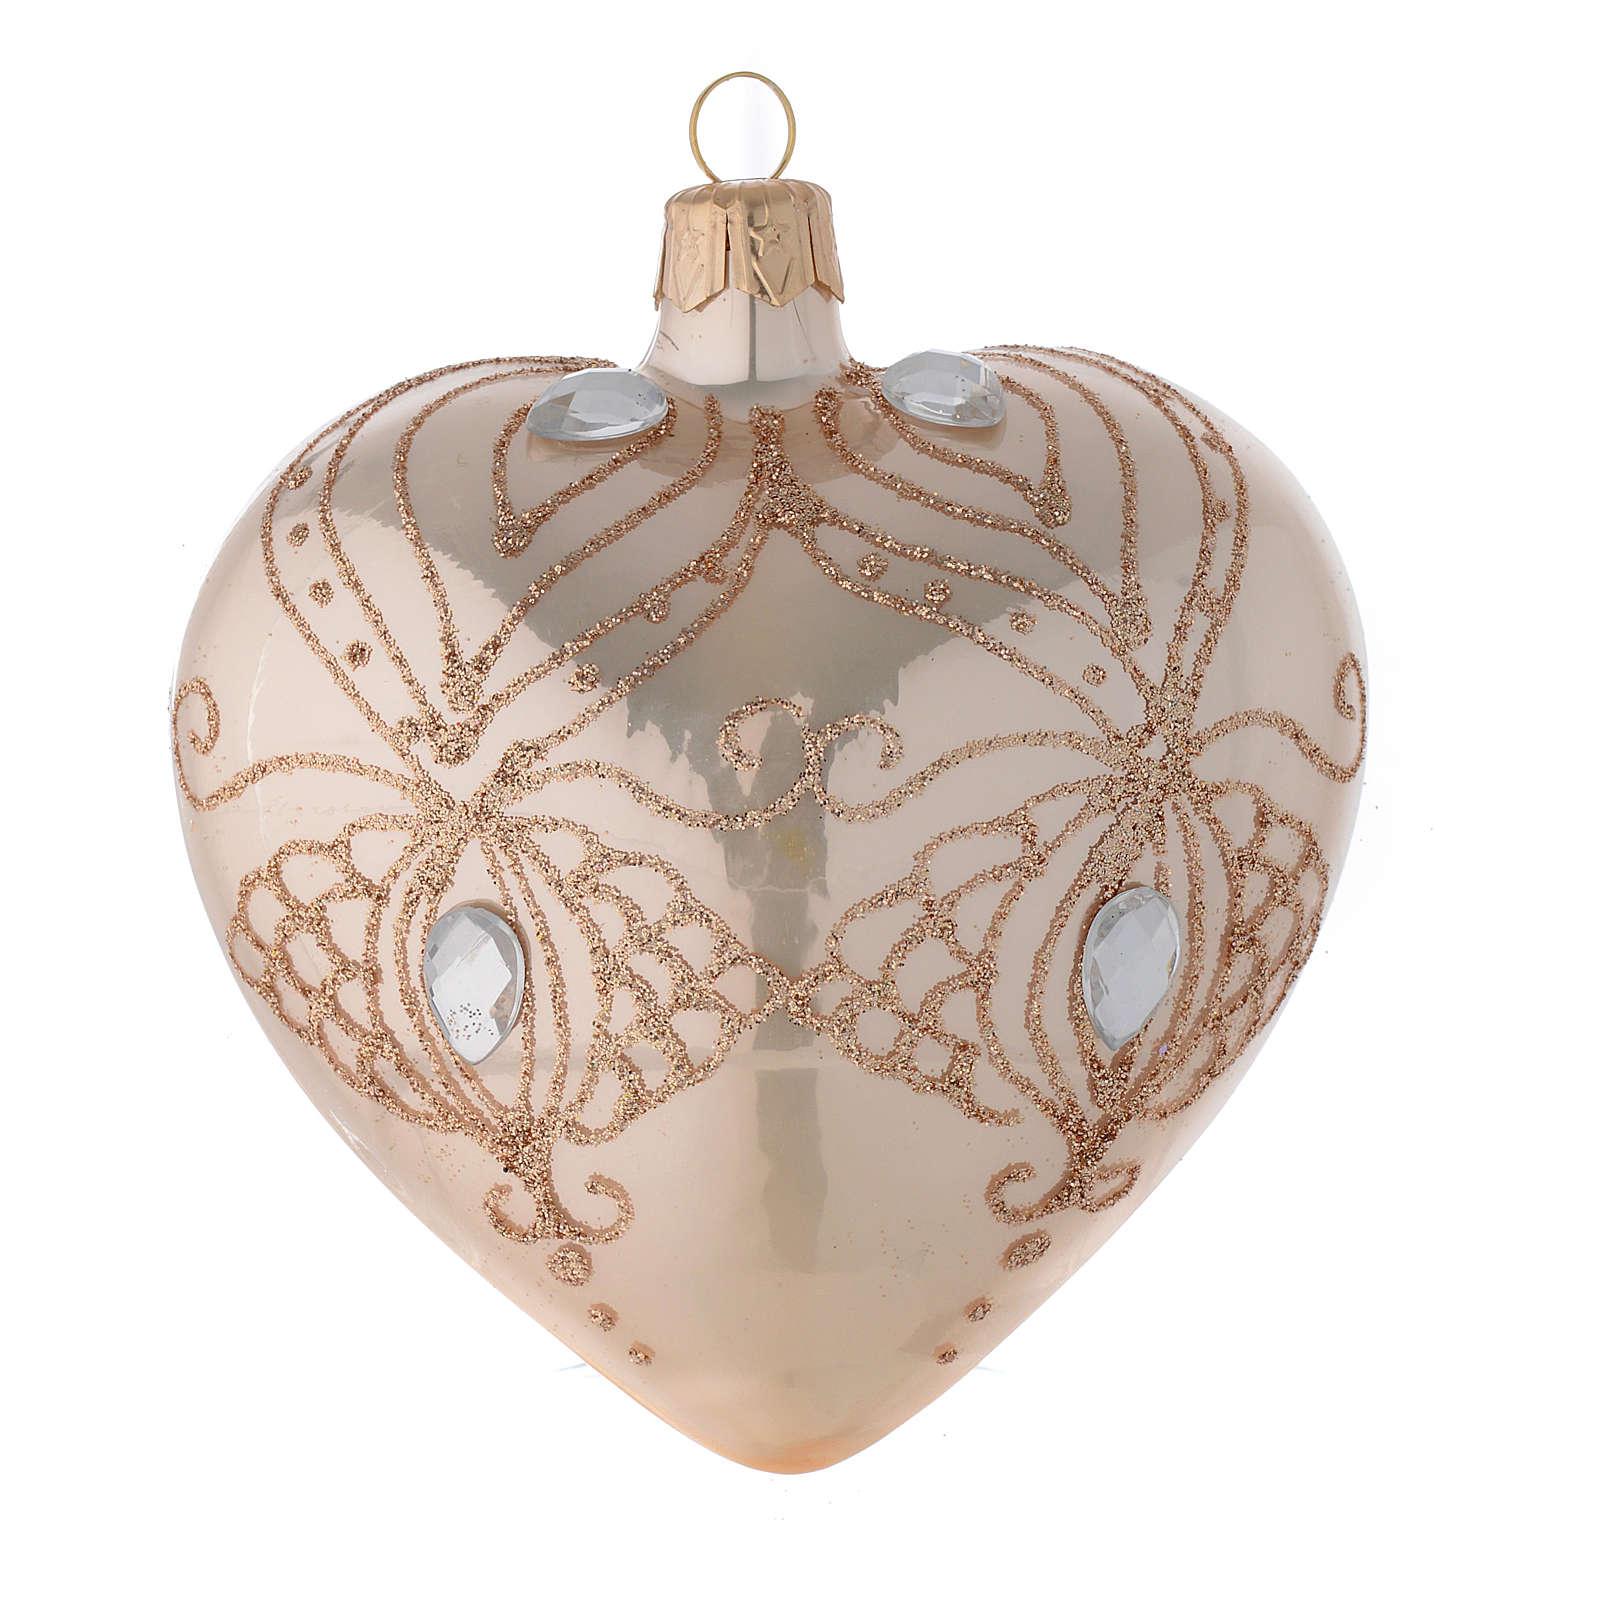 Décoration Noël coeur verre or et paillettes or 100 mm 4